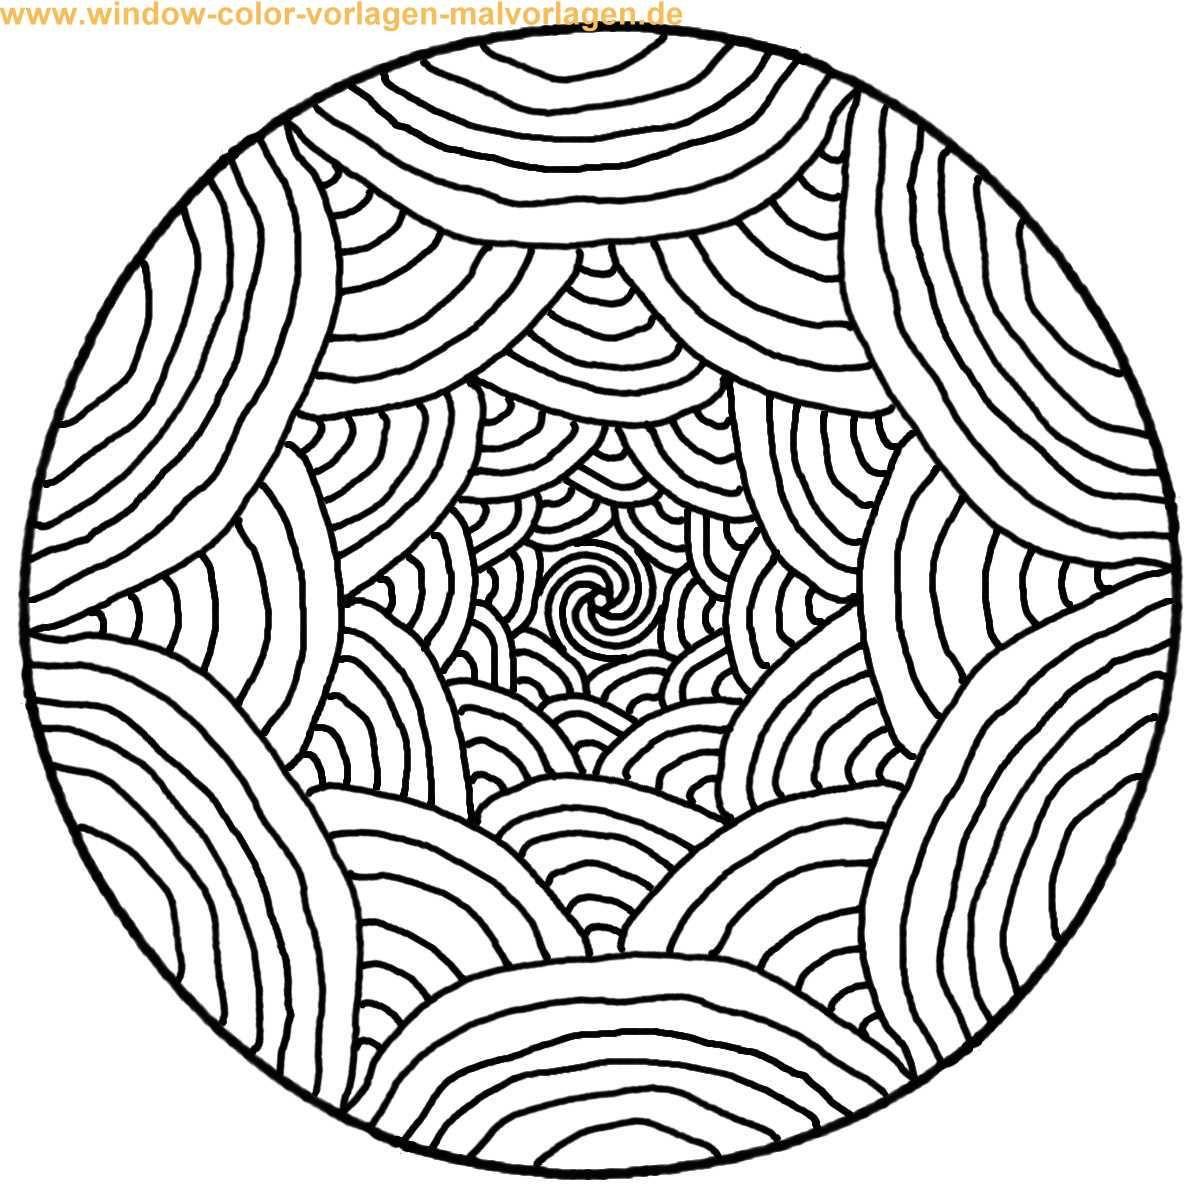 Coloriage De Mandala Facile 10 | Ibukijima | Pinterest serapportantà Coloriage Facile À Imprimer